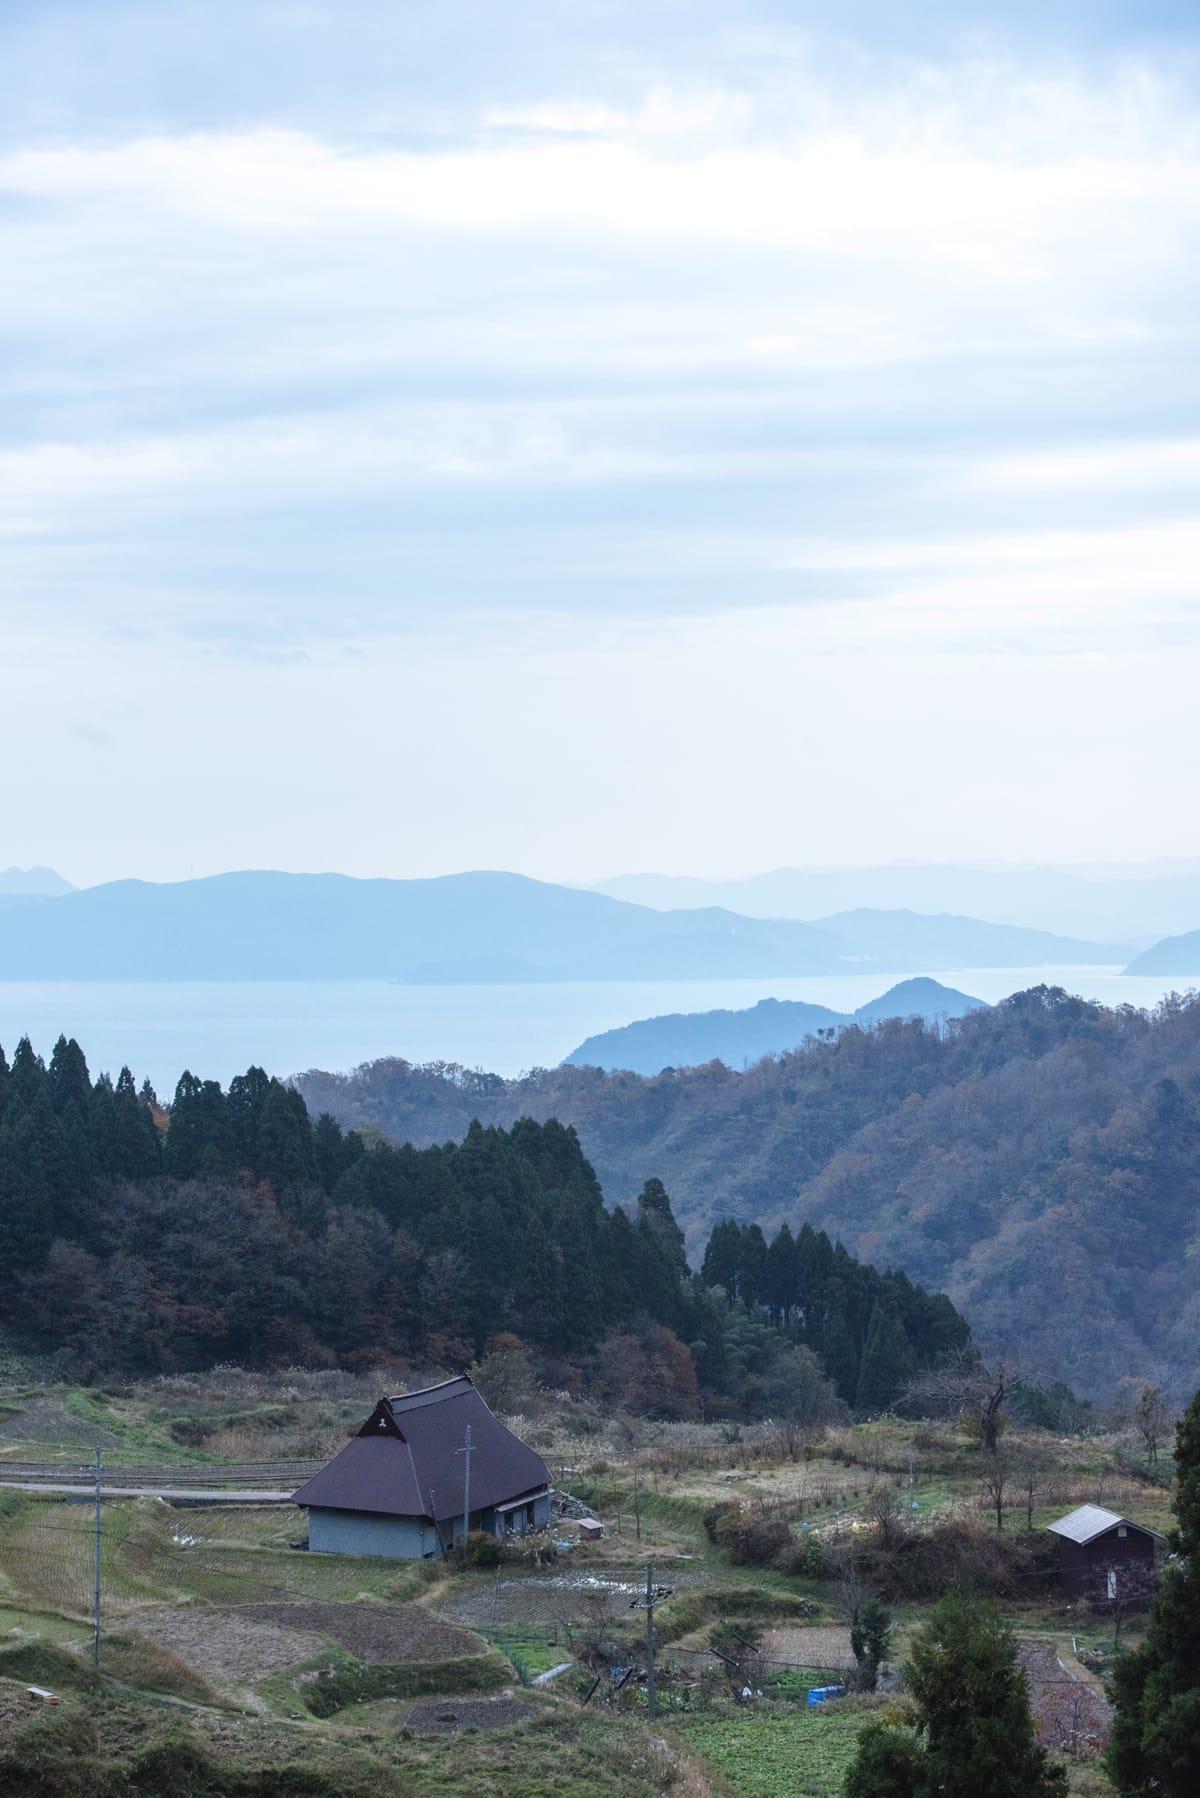 日本海まで車で10分。山あいの集落だが空が広く、山海里の豊かさをすべて感じられる。